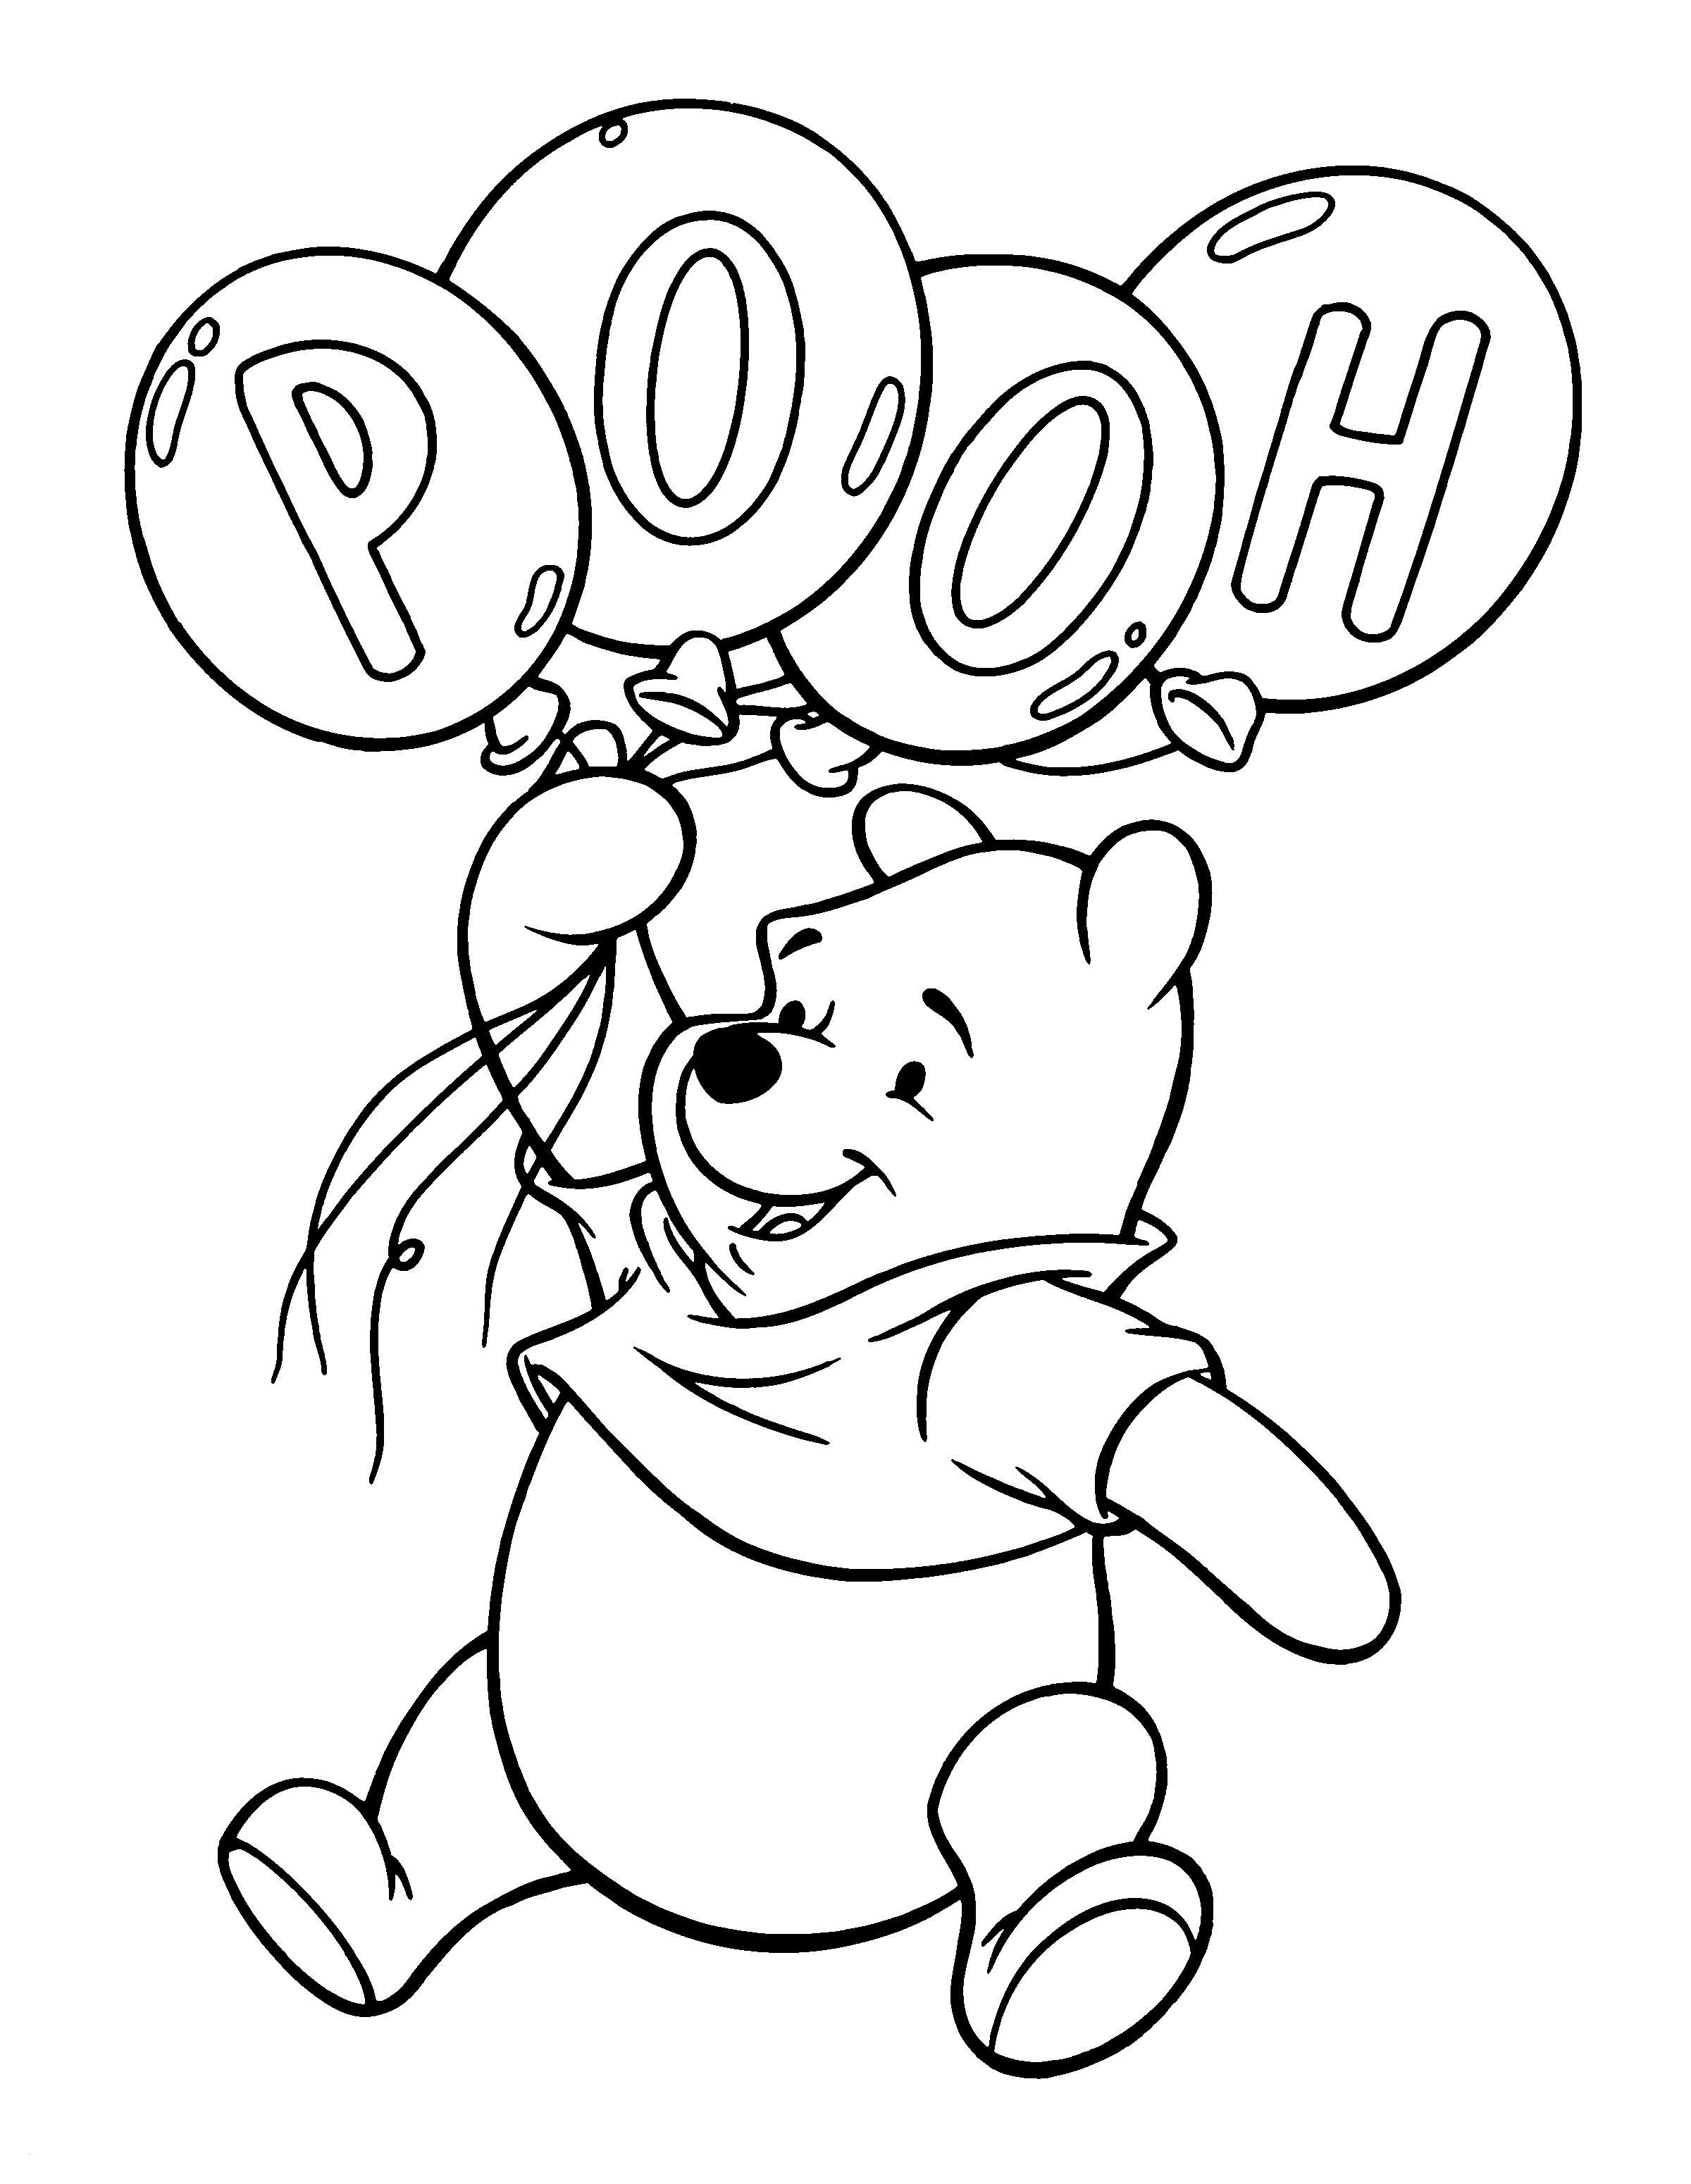 Ausmalbilder Winnie Pooh Und Seine Freunde Malvorlagen Genial 37 Ausmalbilder Winnie Puuh Scoredatscore Einzigartig Ausmalbilder Fotografieren